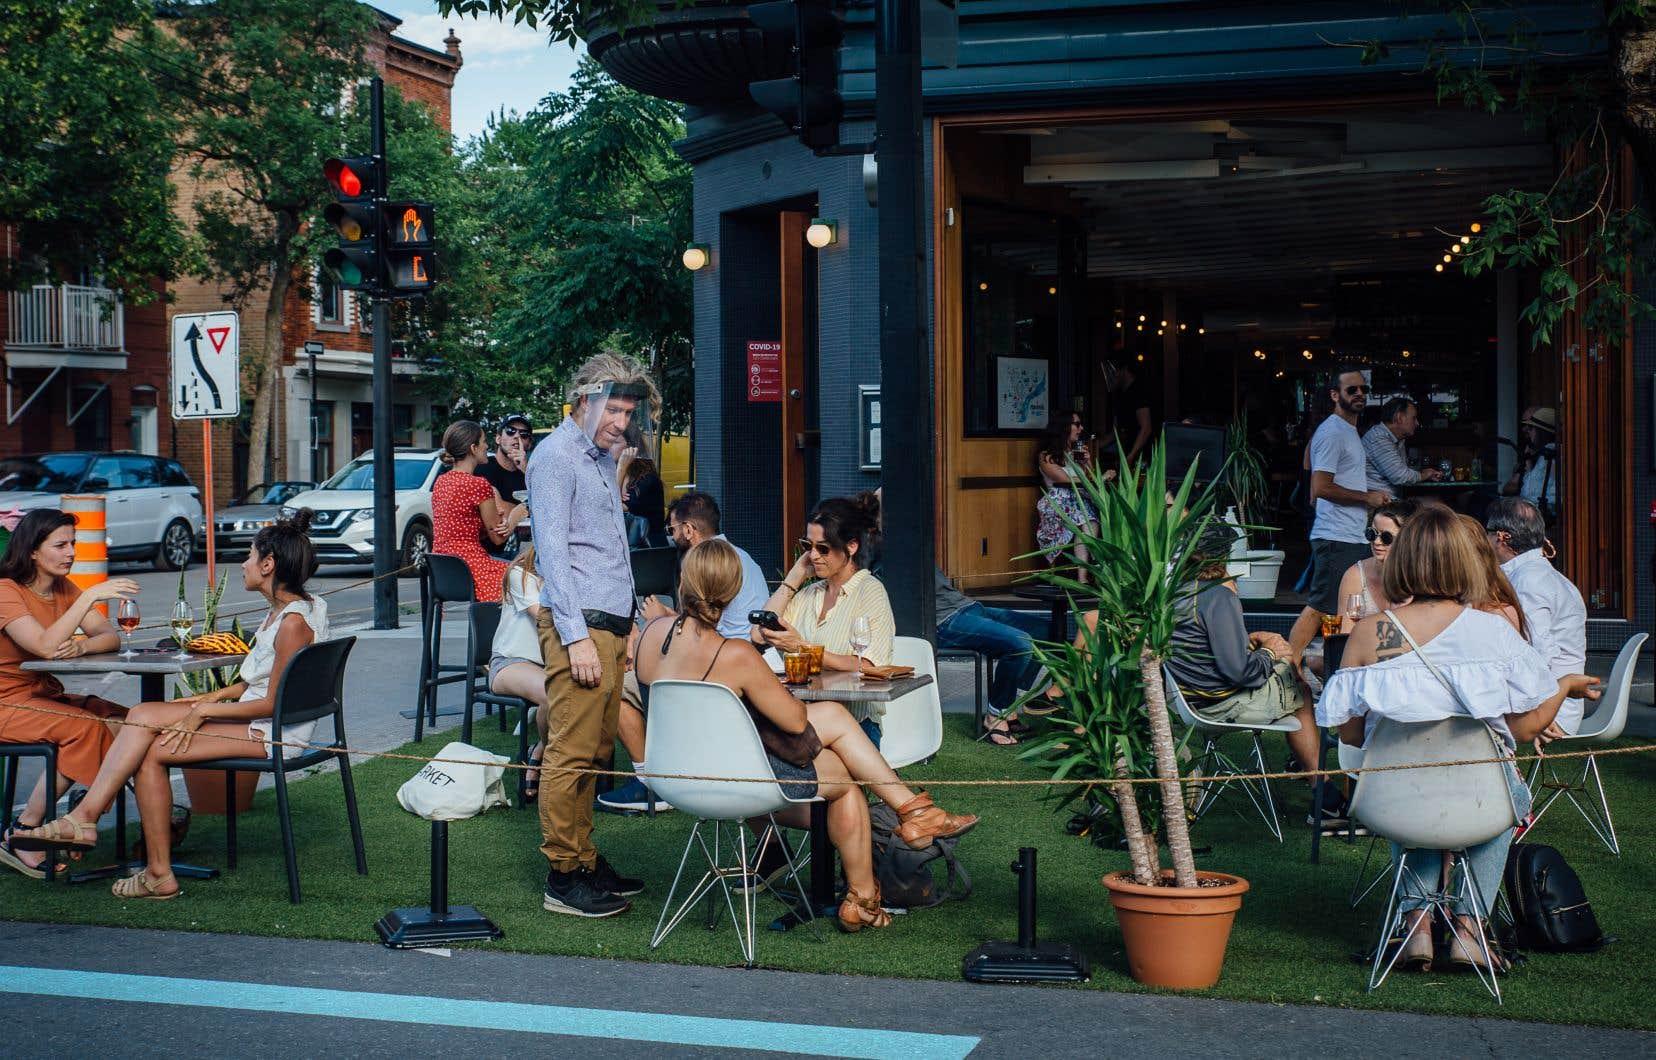 Une visite de plusieurs artères commerciales de Montréal dimanche en fin de journée a permis de constater que les bars, les pubs et les restaurants respectaient les règles de distanciation, certains ayant réaménagé leurs terrasses en conséquence.